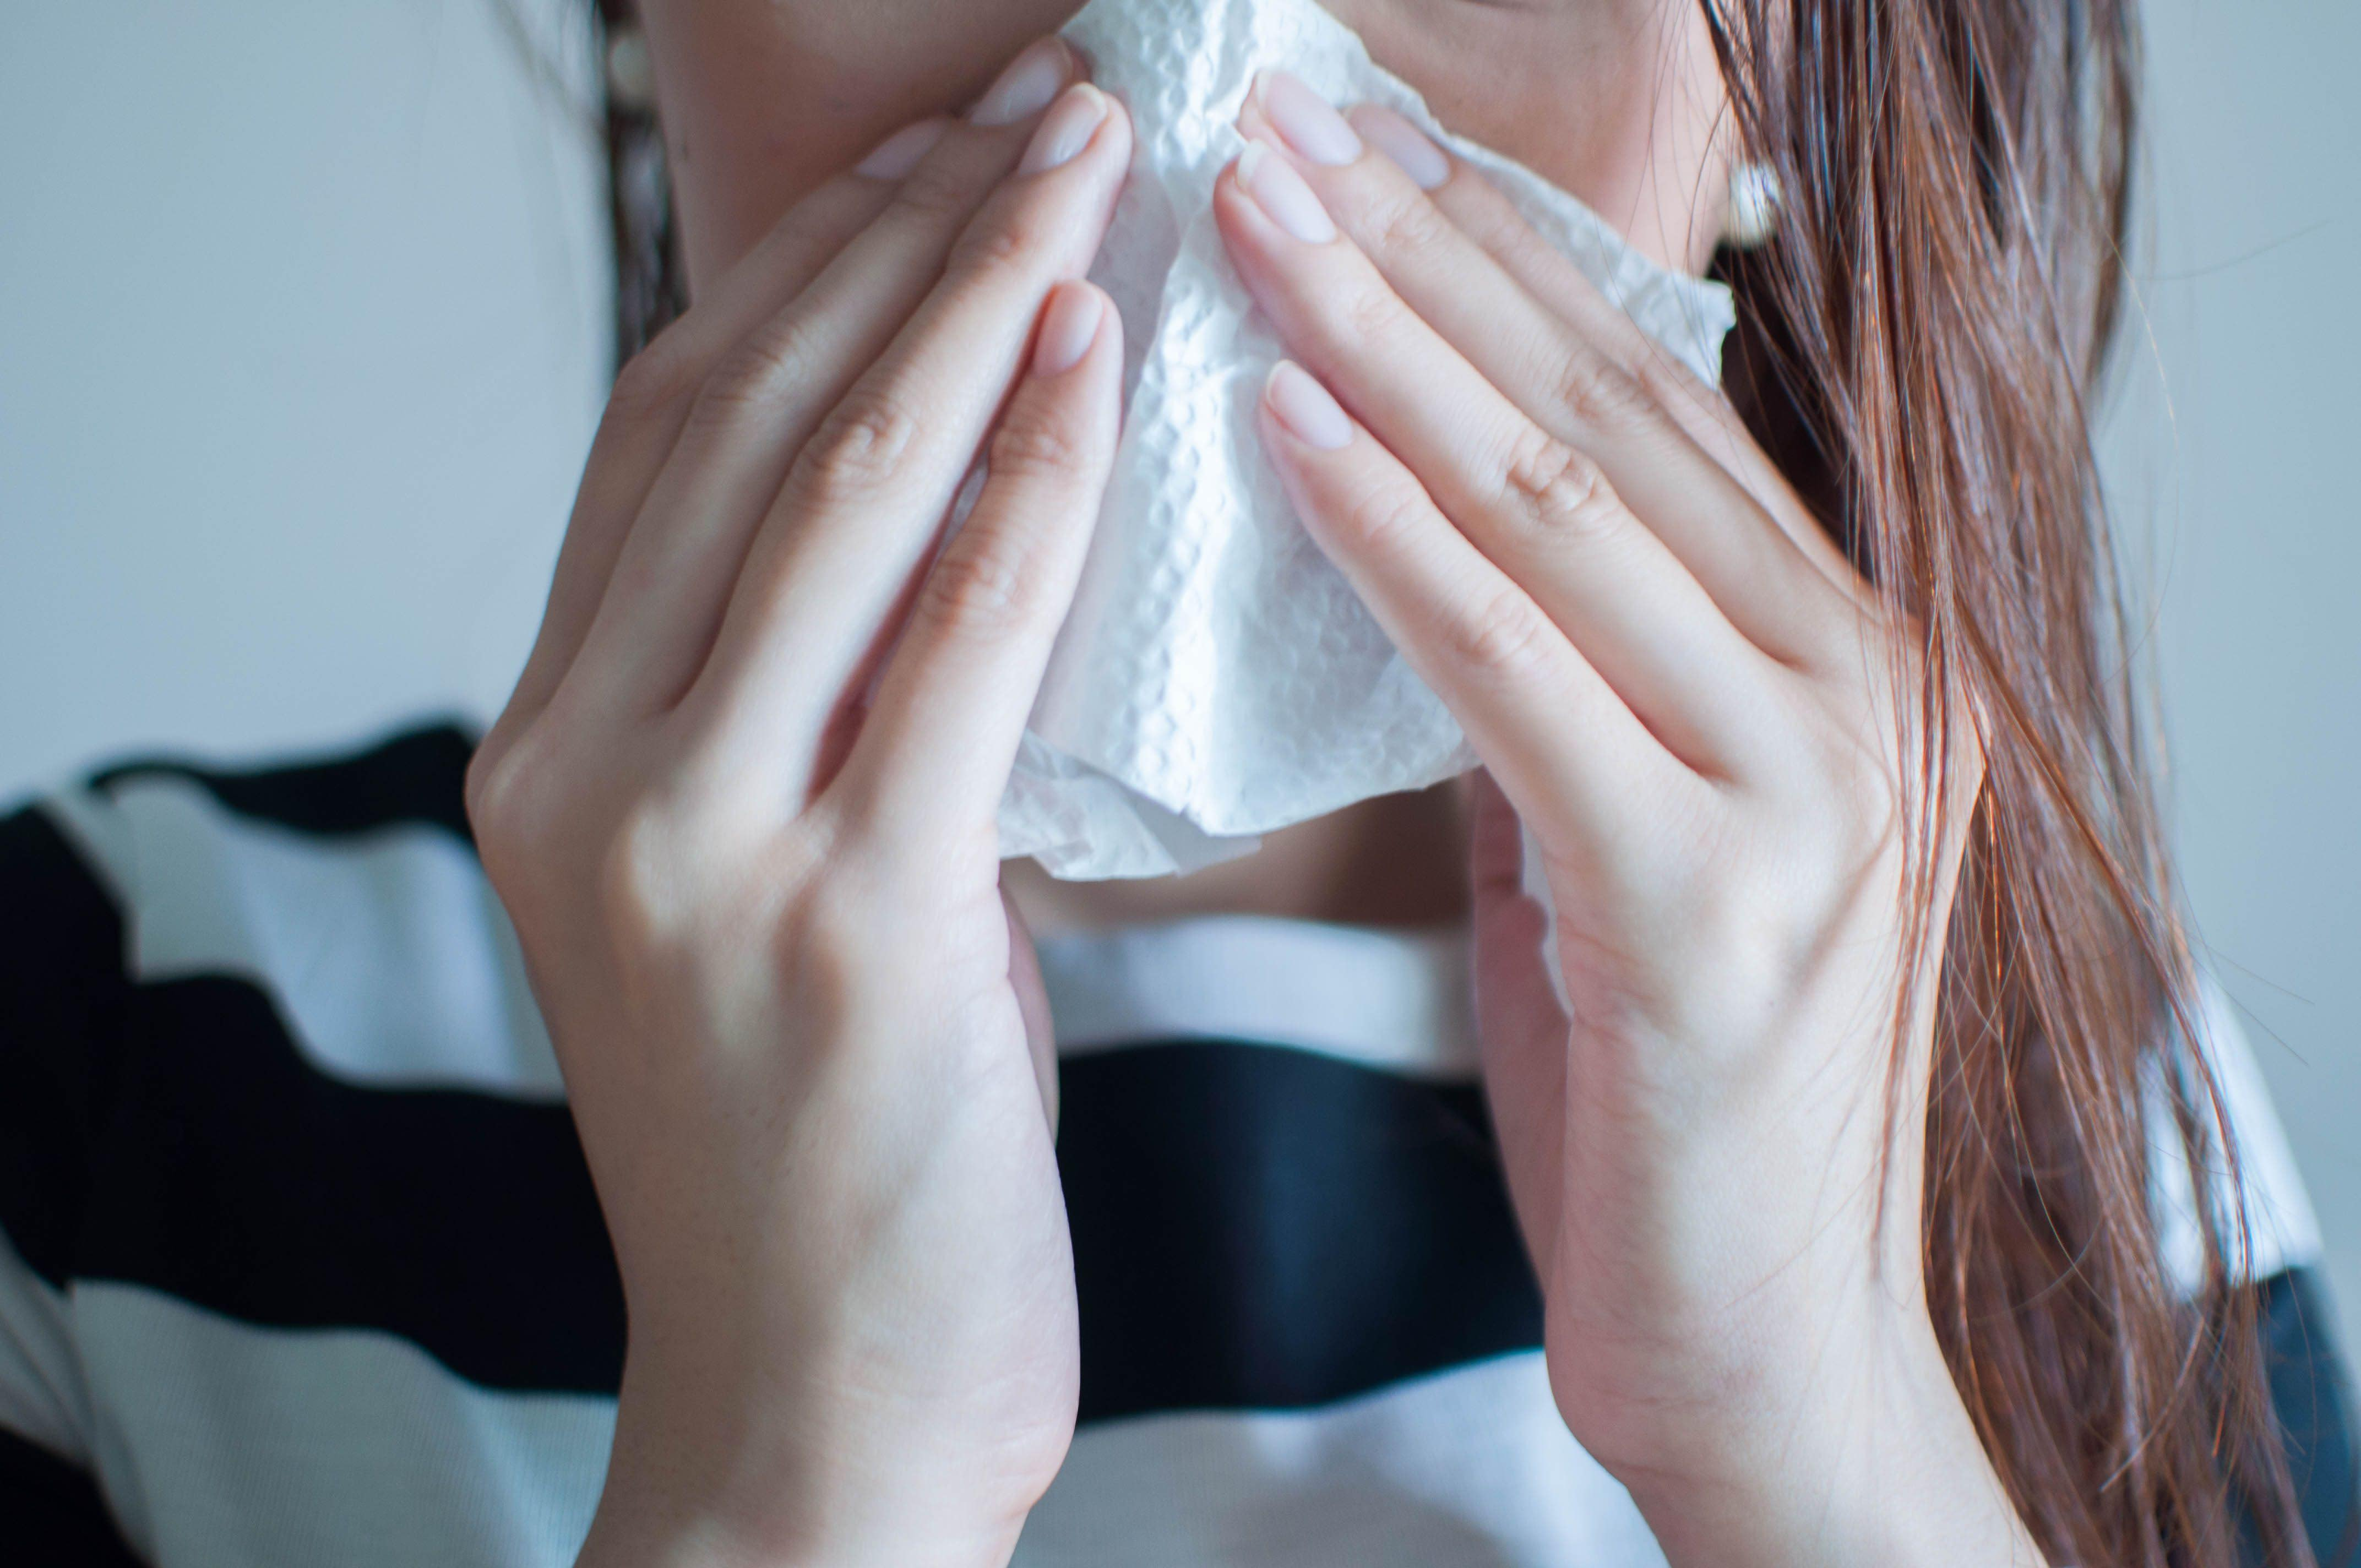 避免新冠肺炎中標,除了戴口罩和酒精消毒!專業中醫:增強免疫力才是關鍵...這6個小習慣請立刻做起來